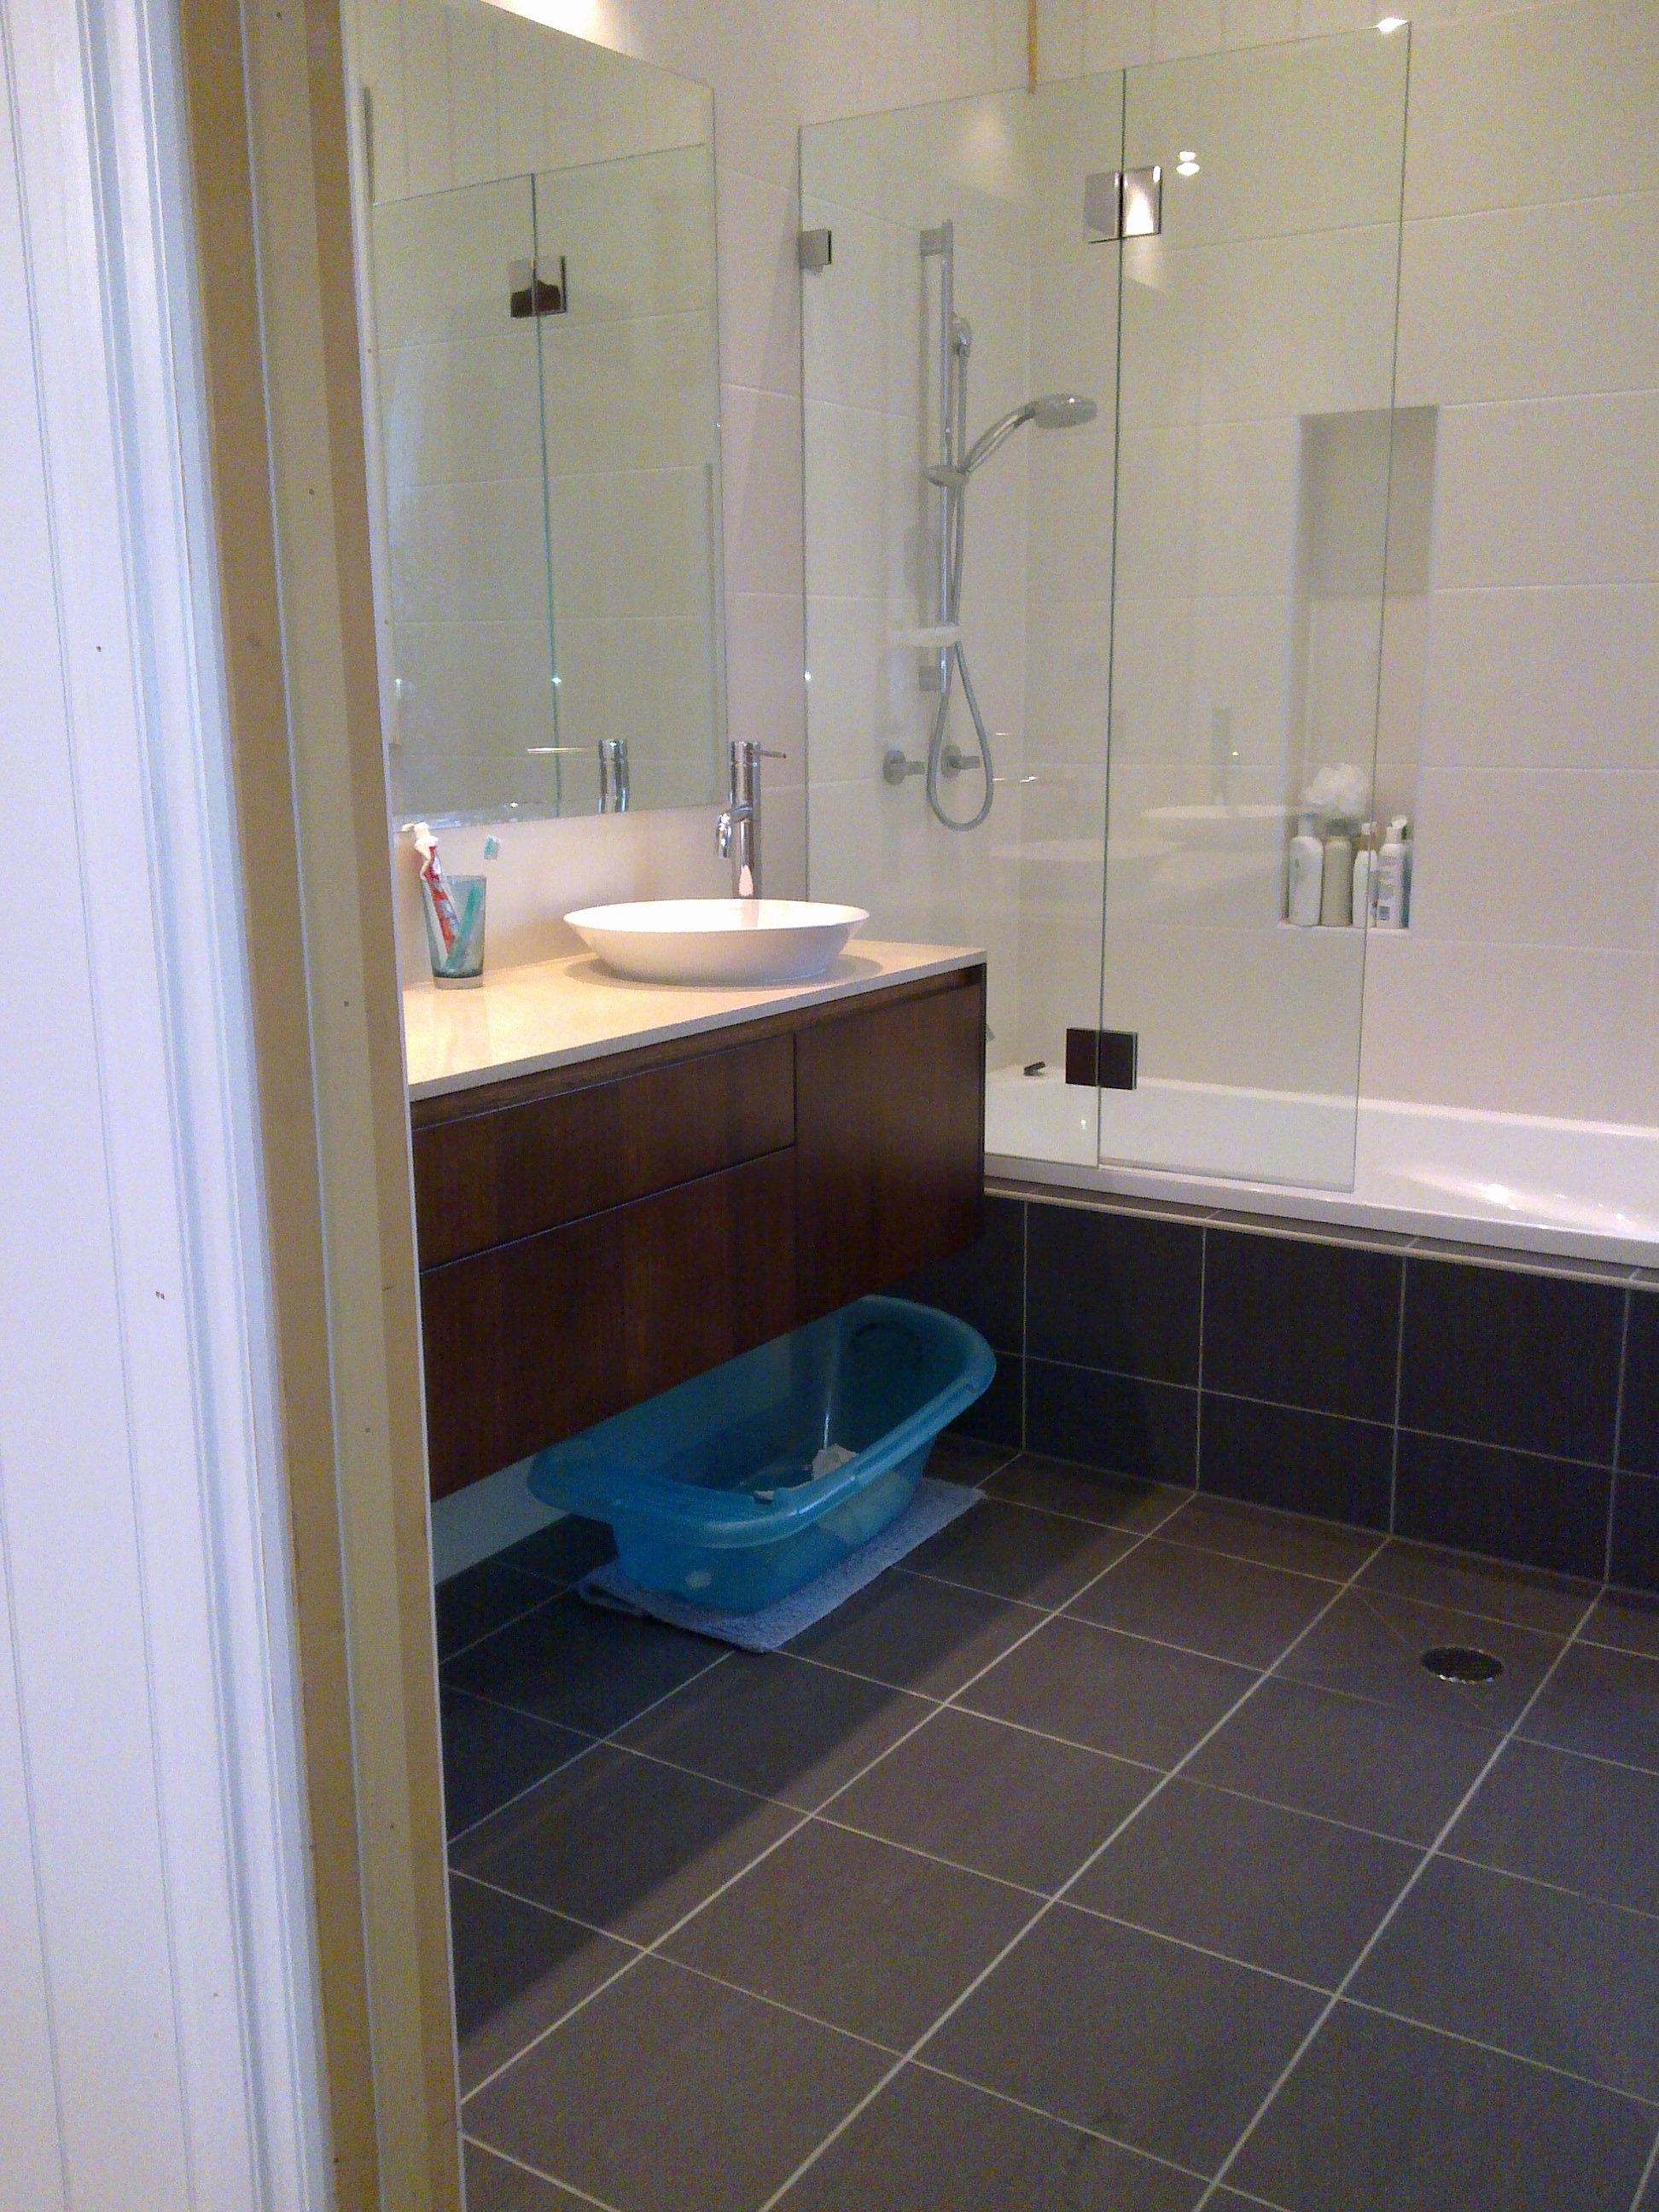 Full bathroom installation - Cardinal Point Full Bathroom Installation